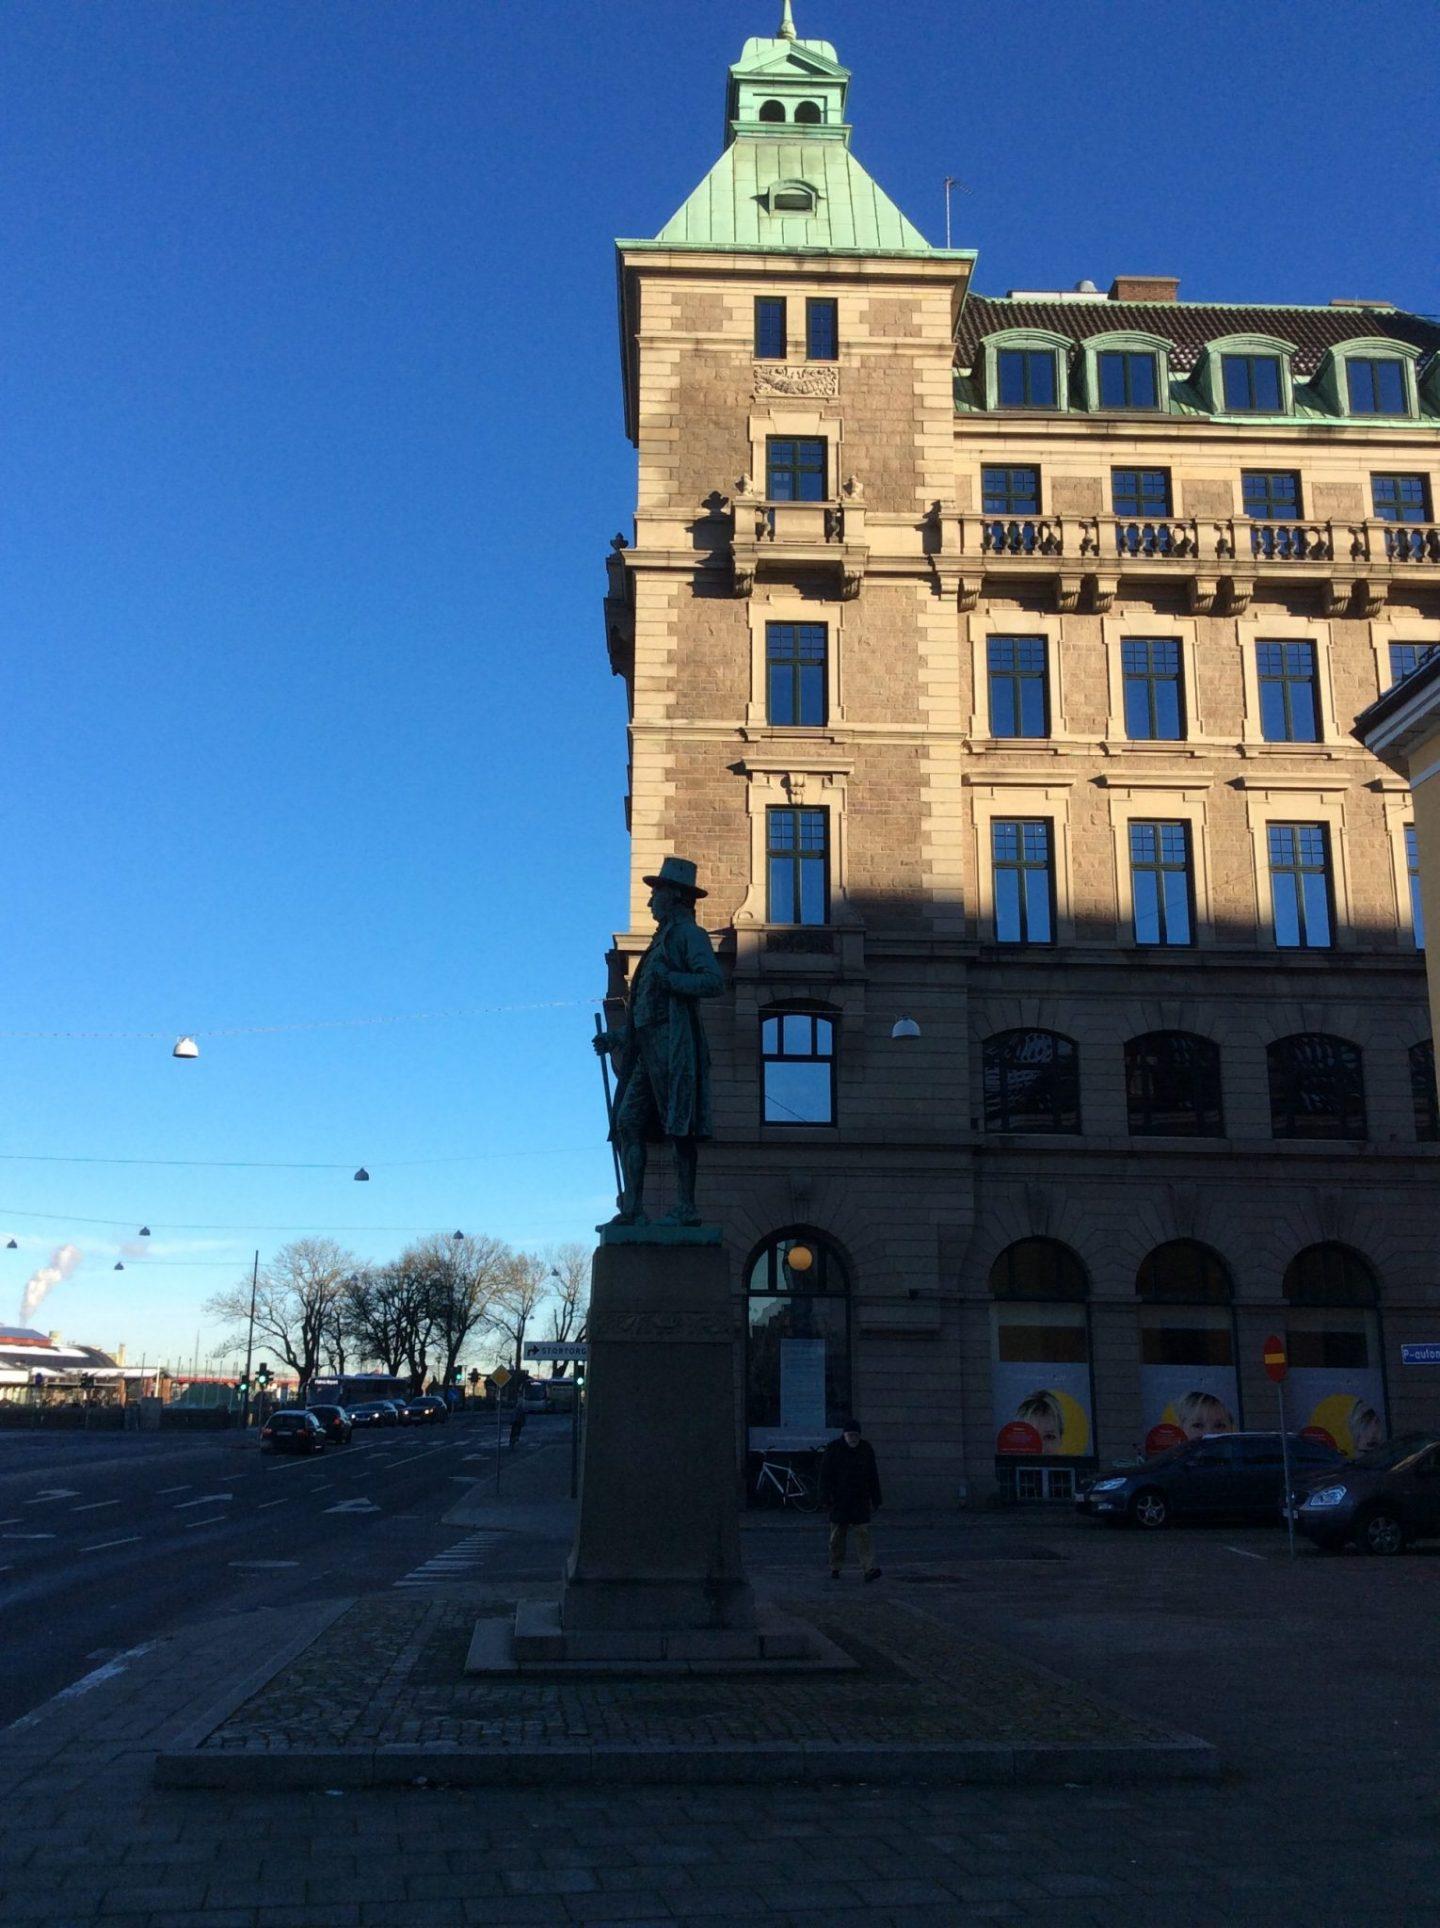 IMG 0202 1440x1928 - Malmö and the history